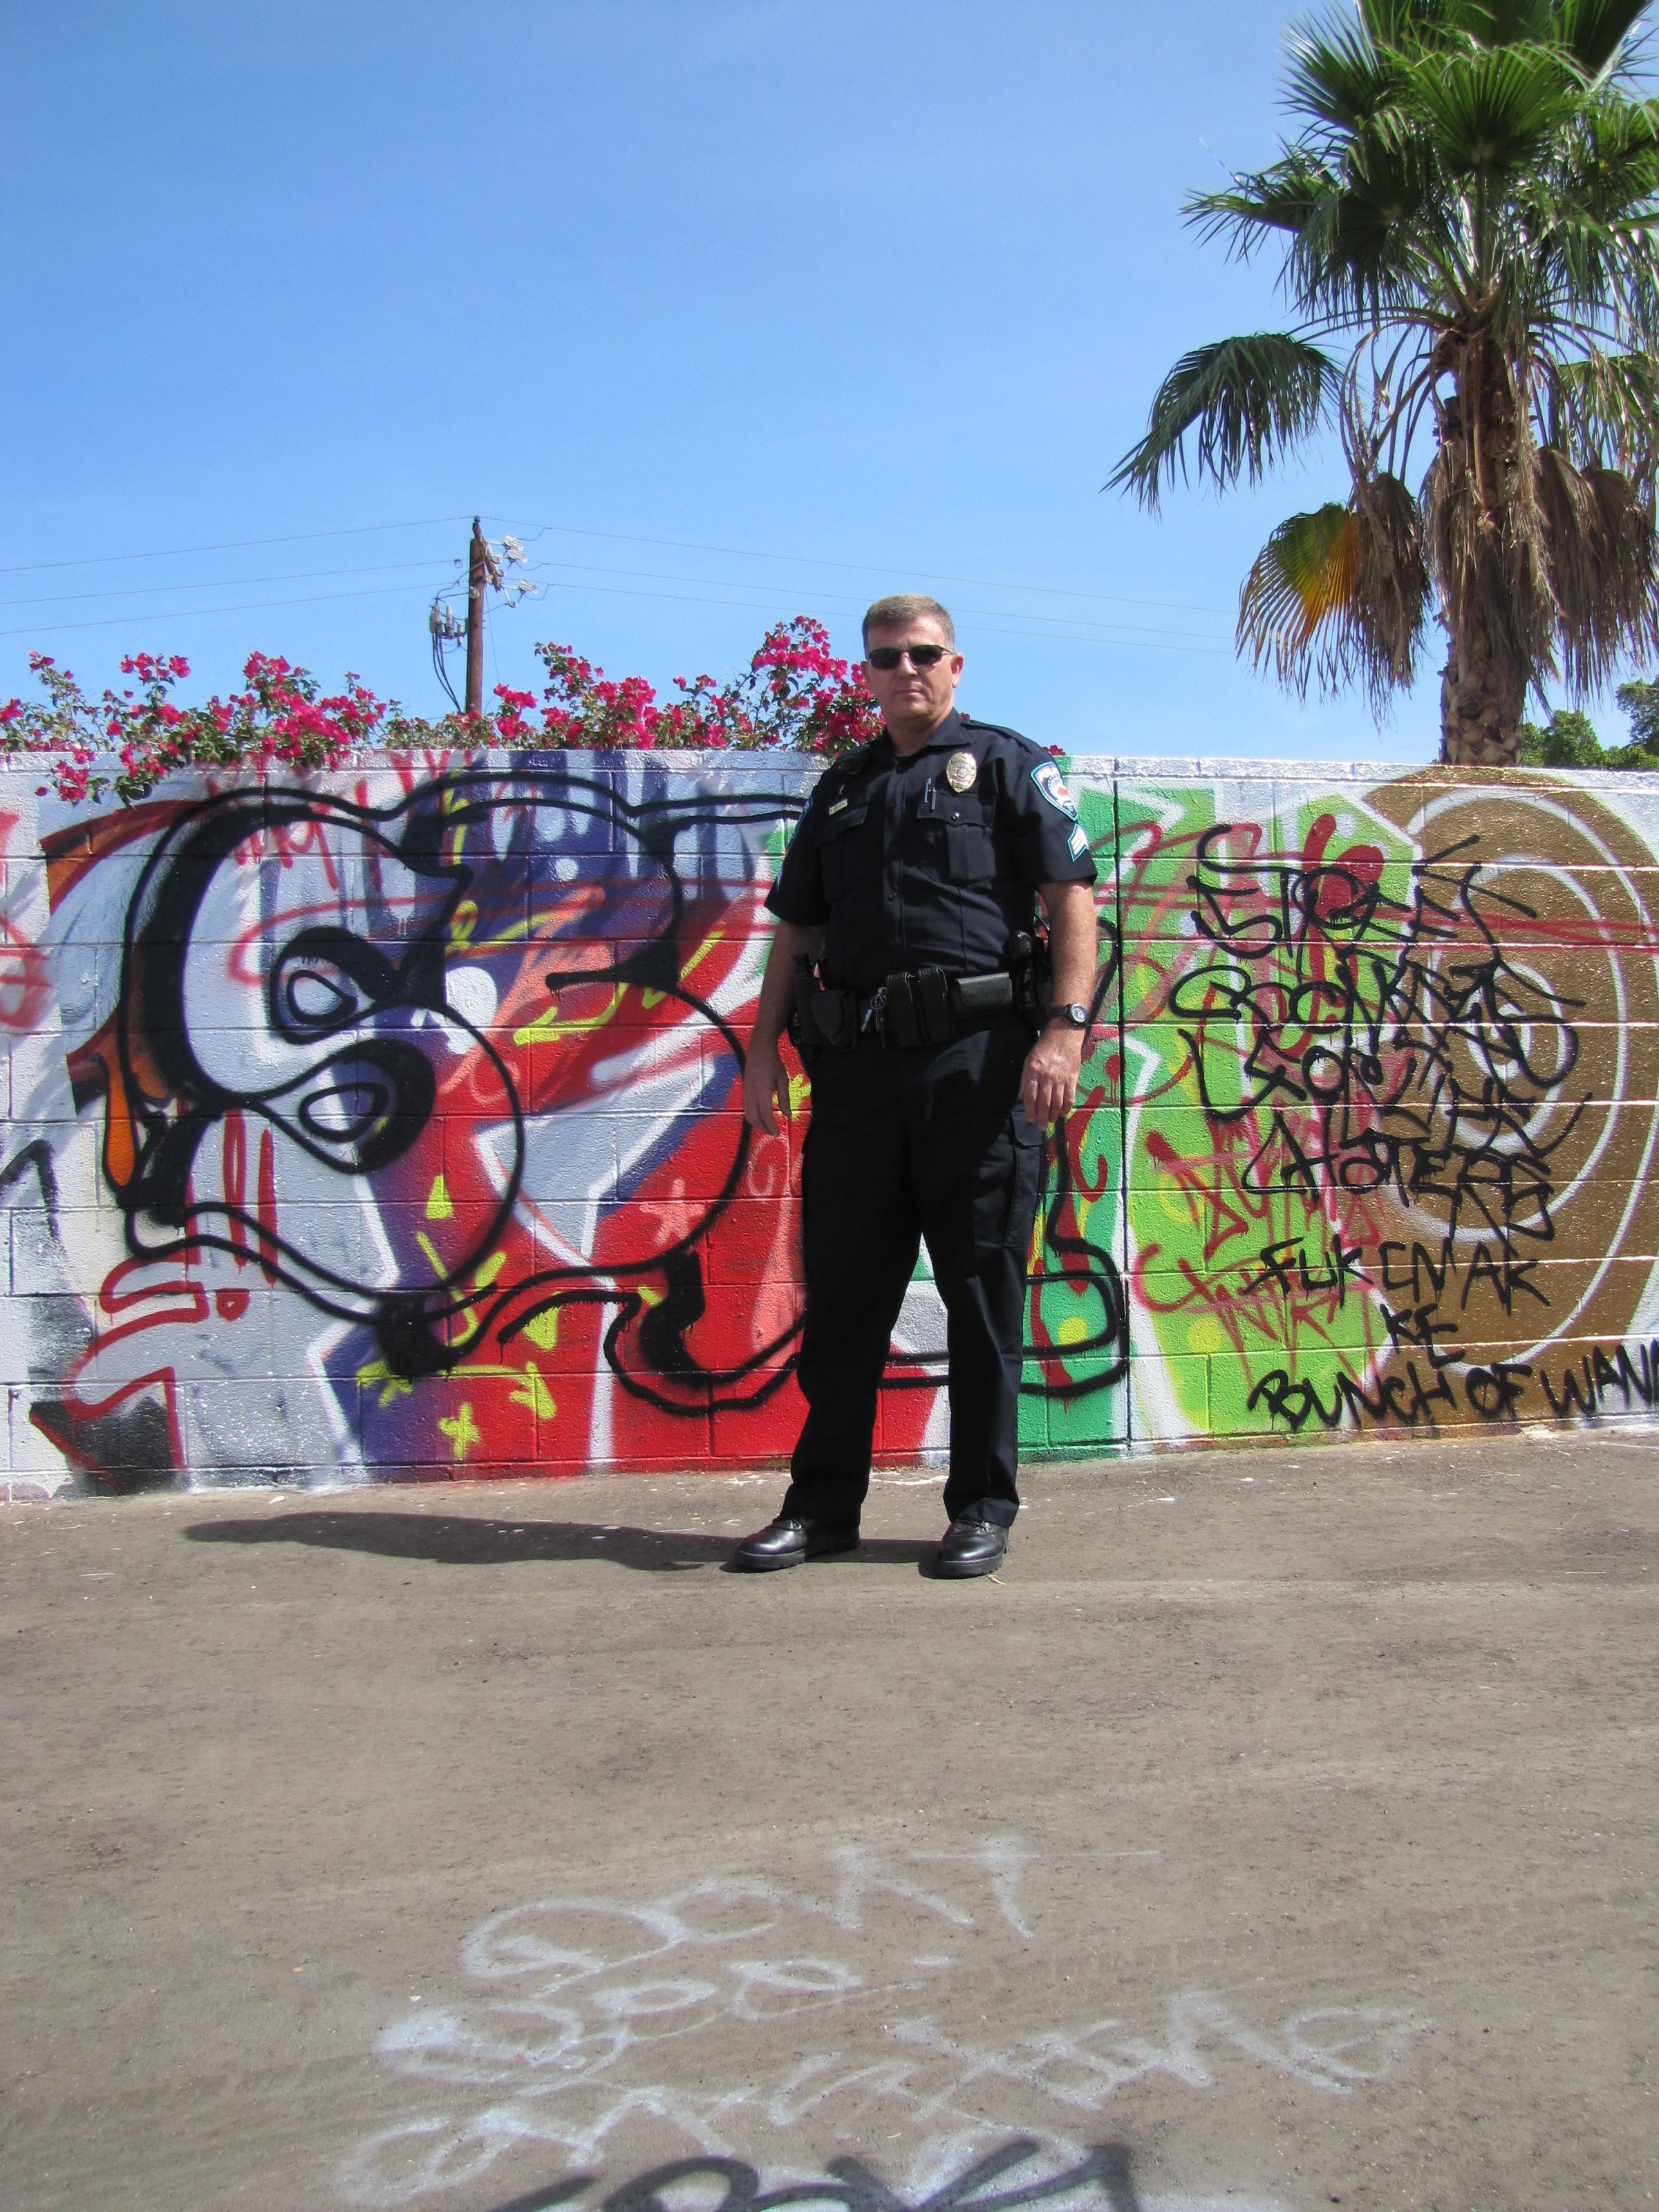 Yuma Police Handle Graffiti And Gang Activity